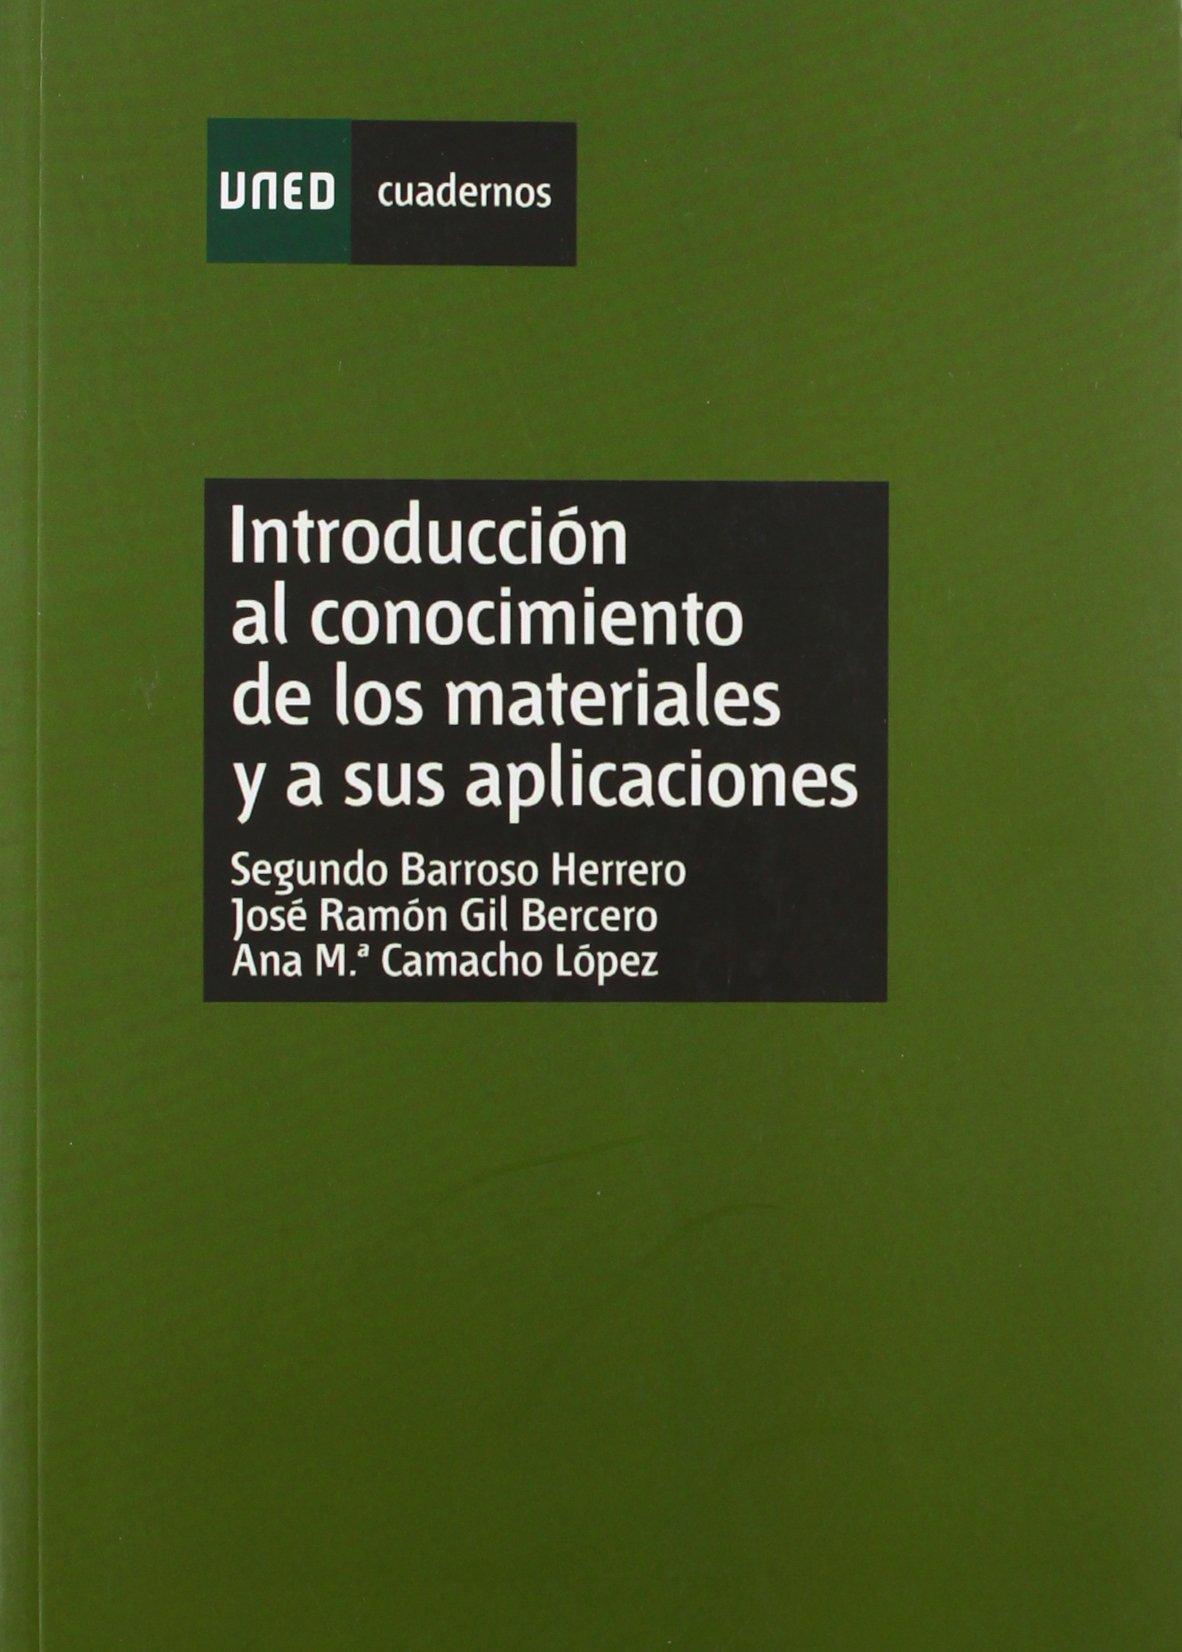 Introducción Al Conocimiento De Los Materiales Y A Sus